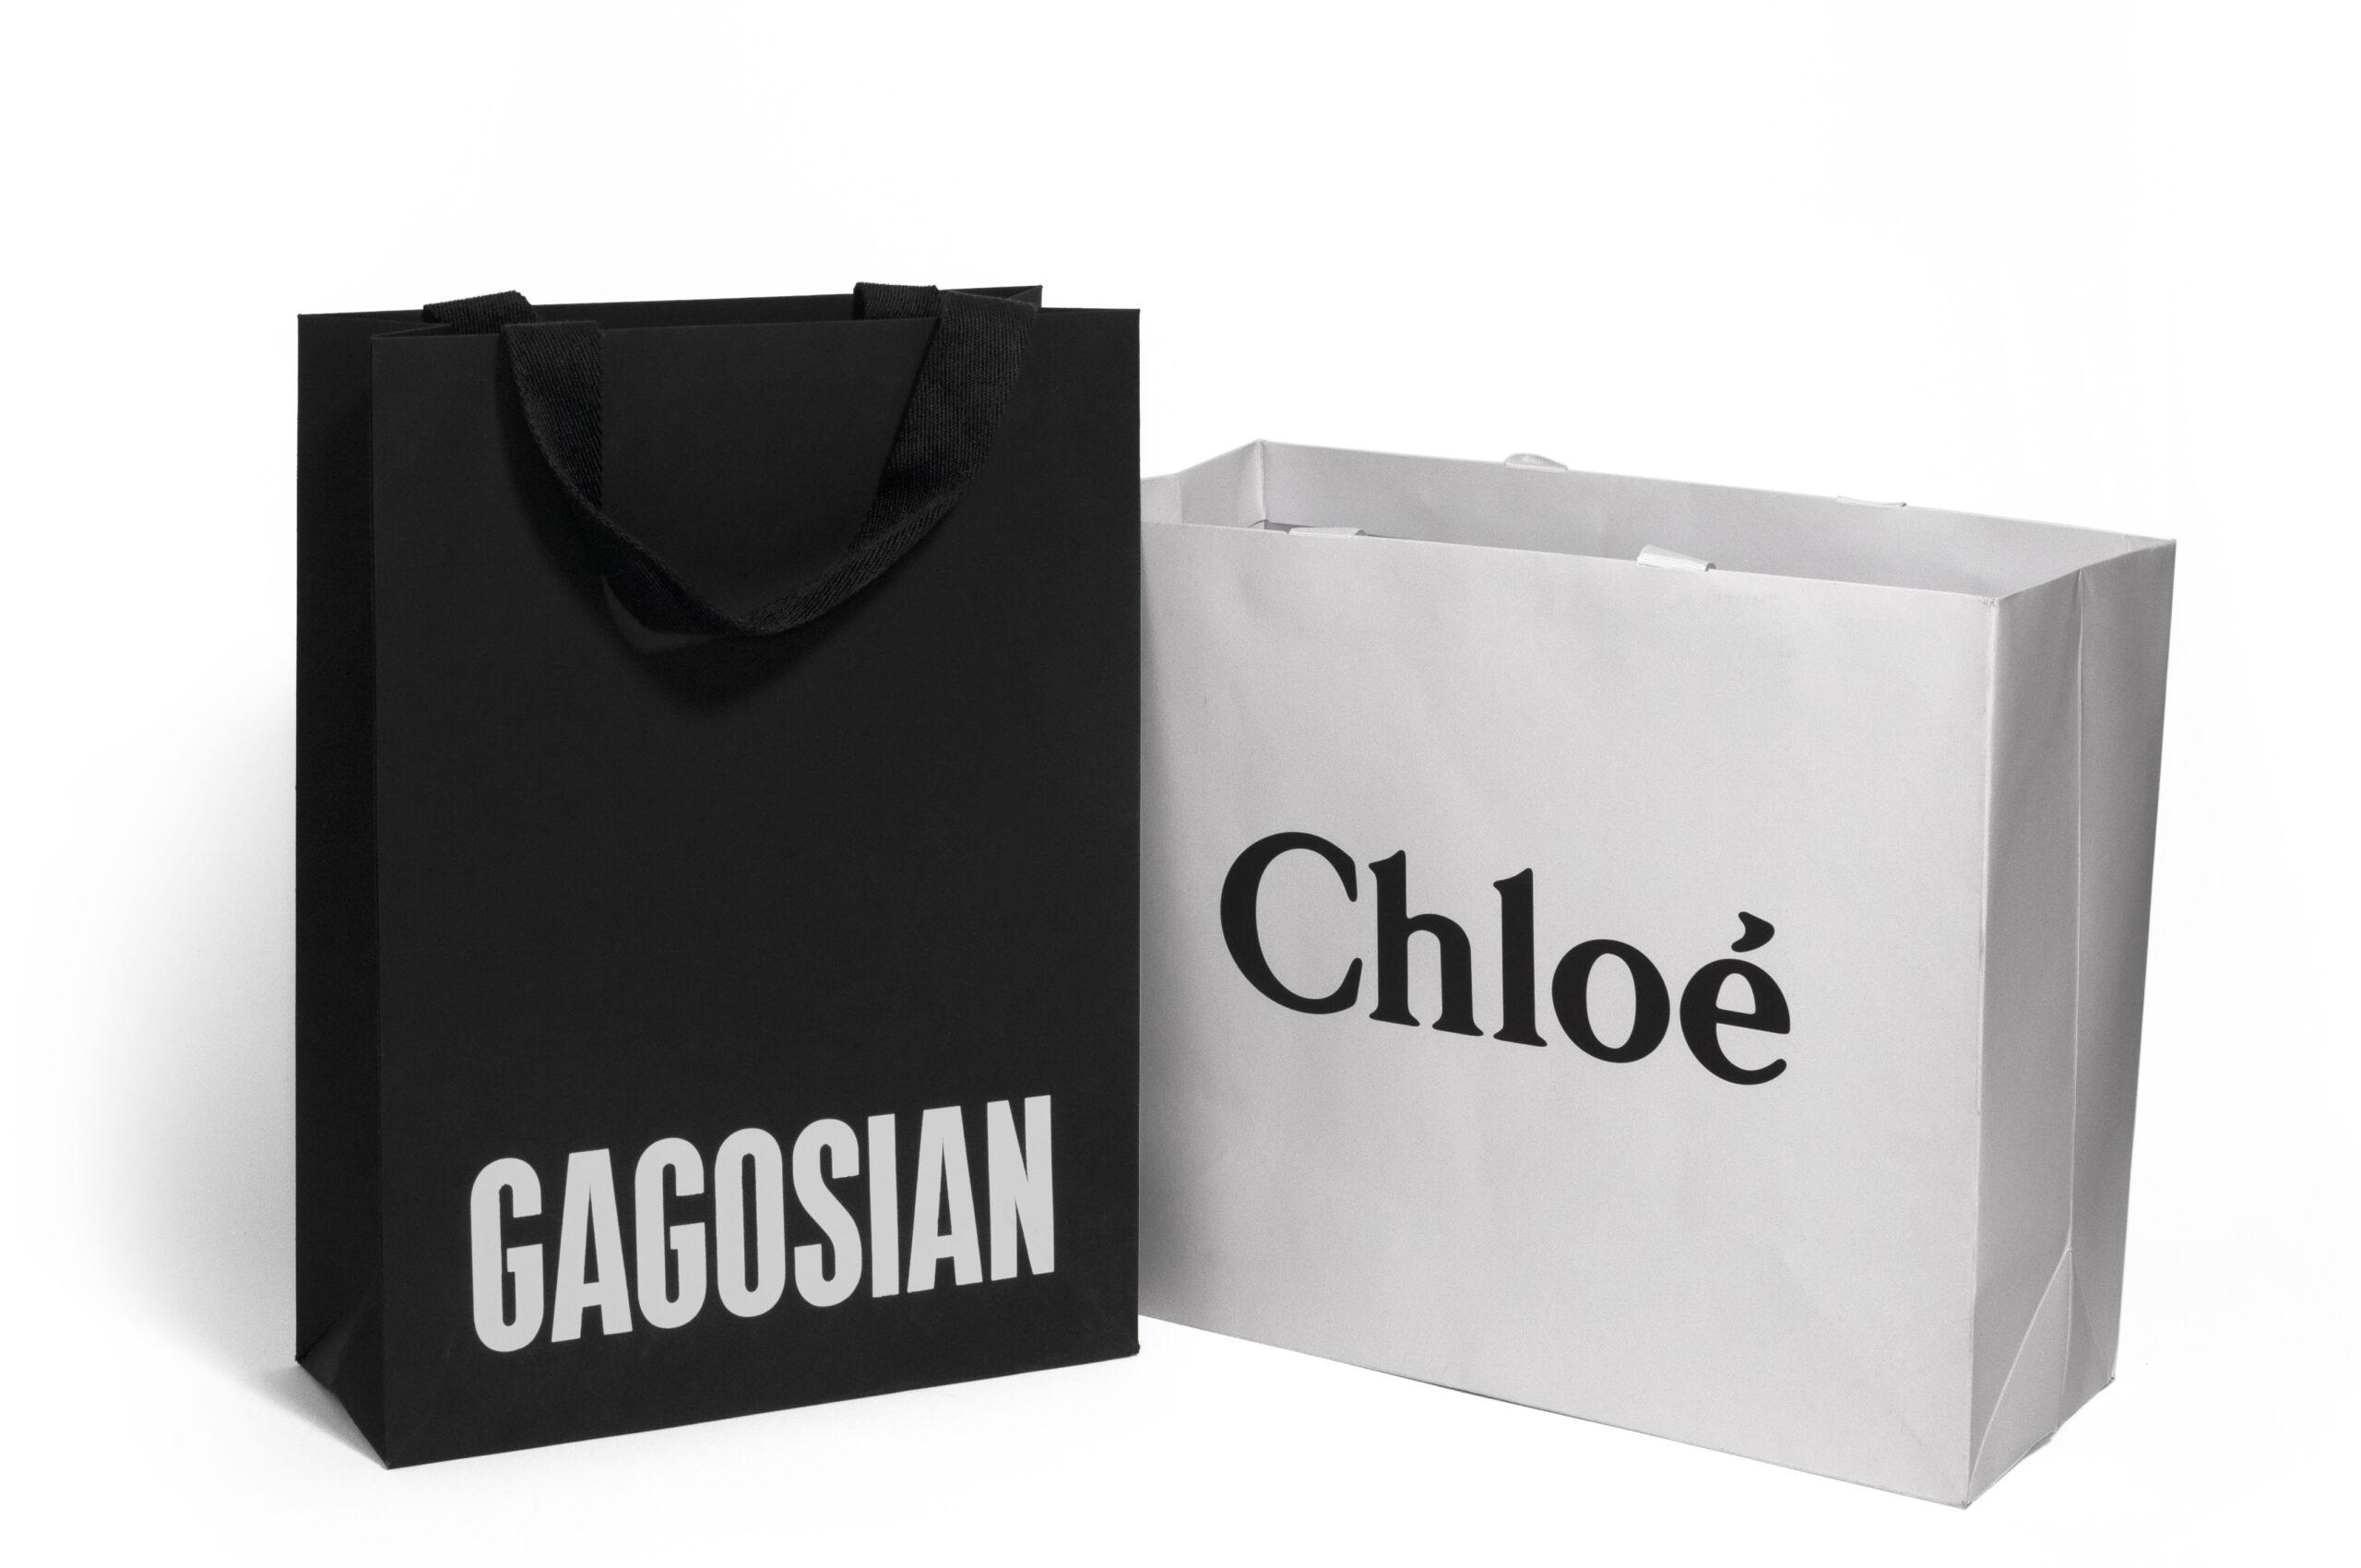 Chloe custom designed shopping bag